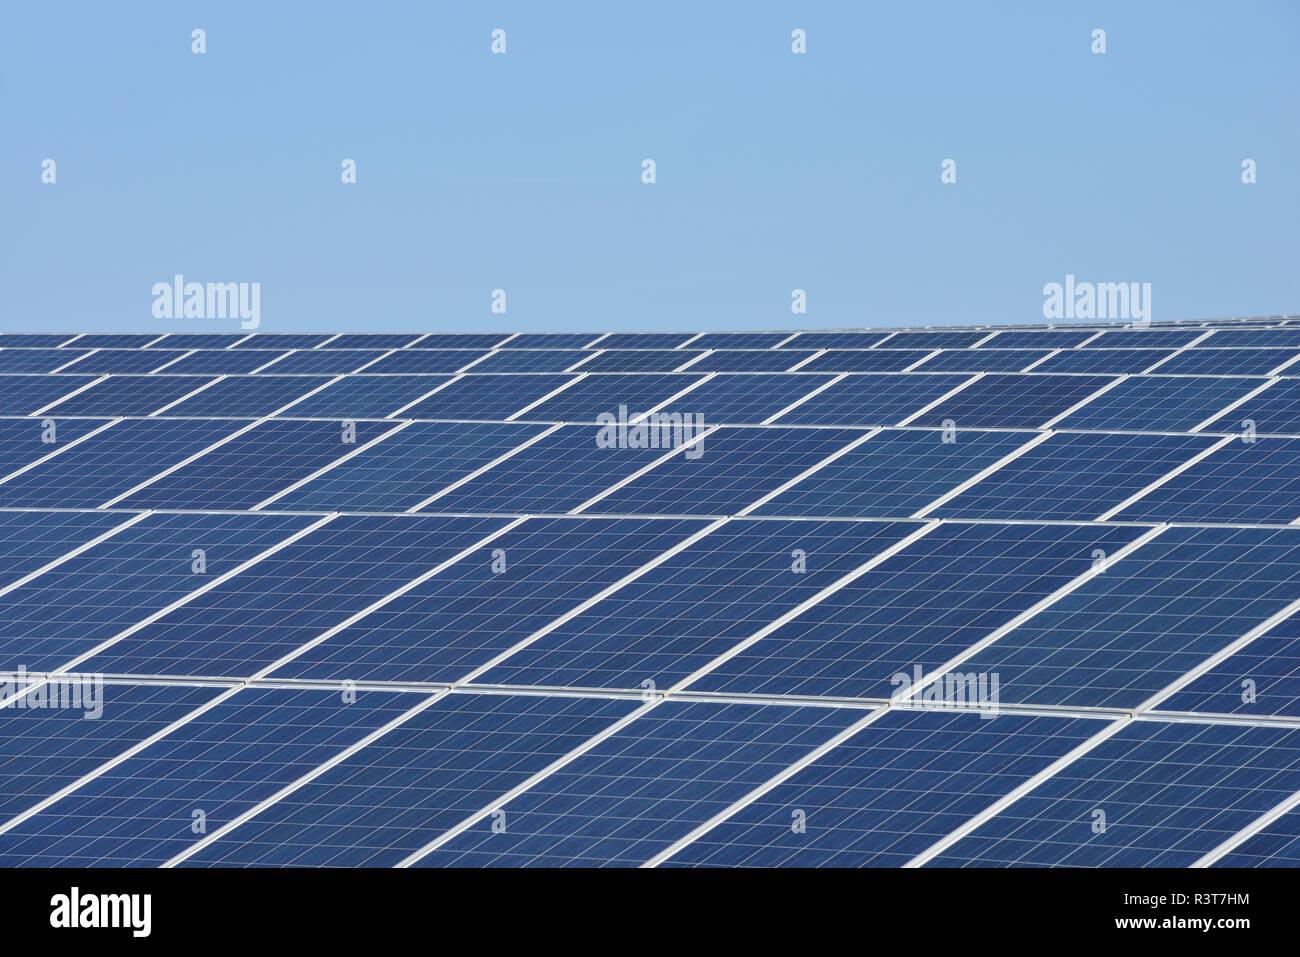 Alemania, en vista del gran número de paneles solares en el campo solar de la planta Imagen De Stock